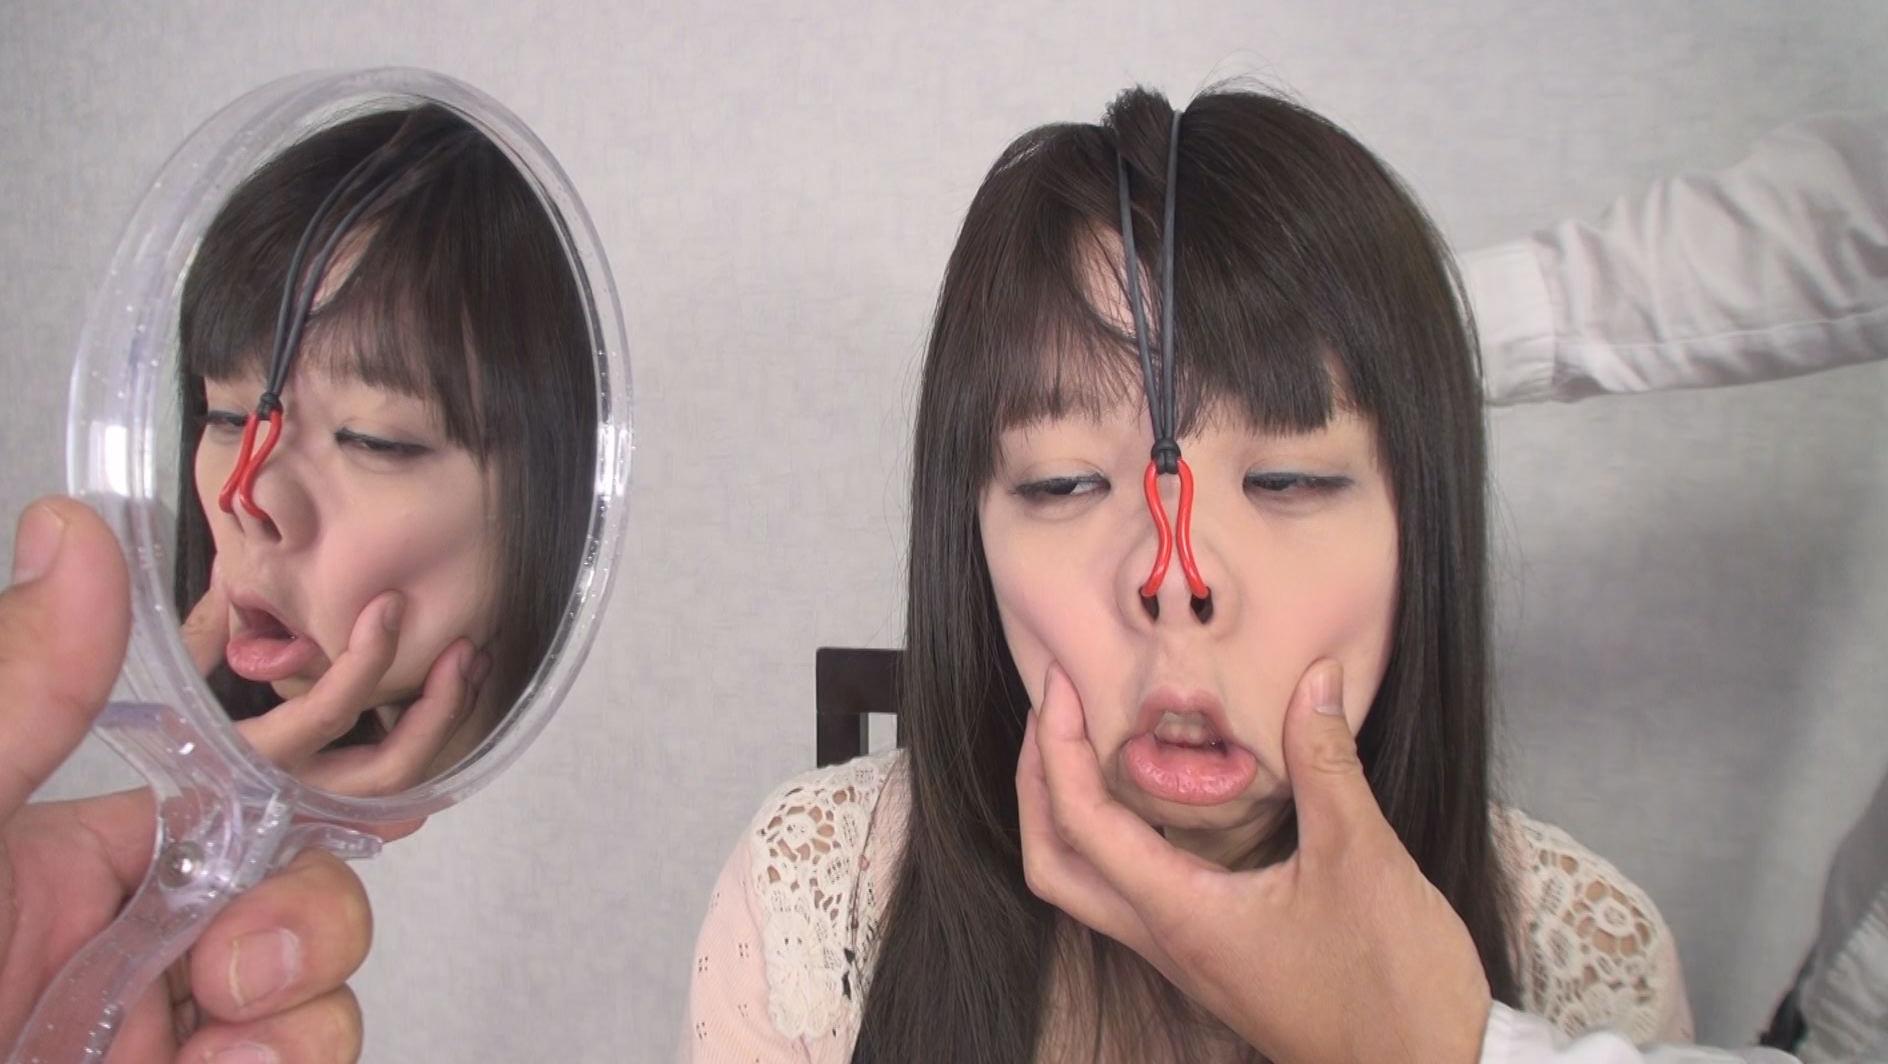 美顔羞恥 豚鼻フェラ 画像16